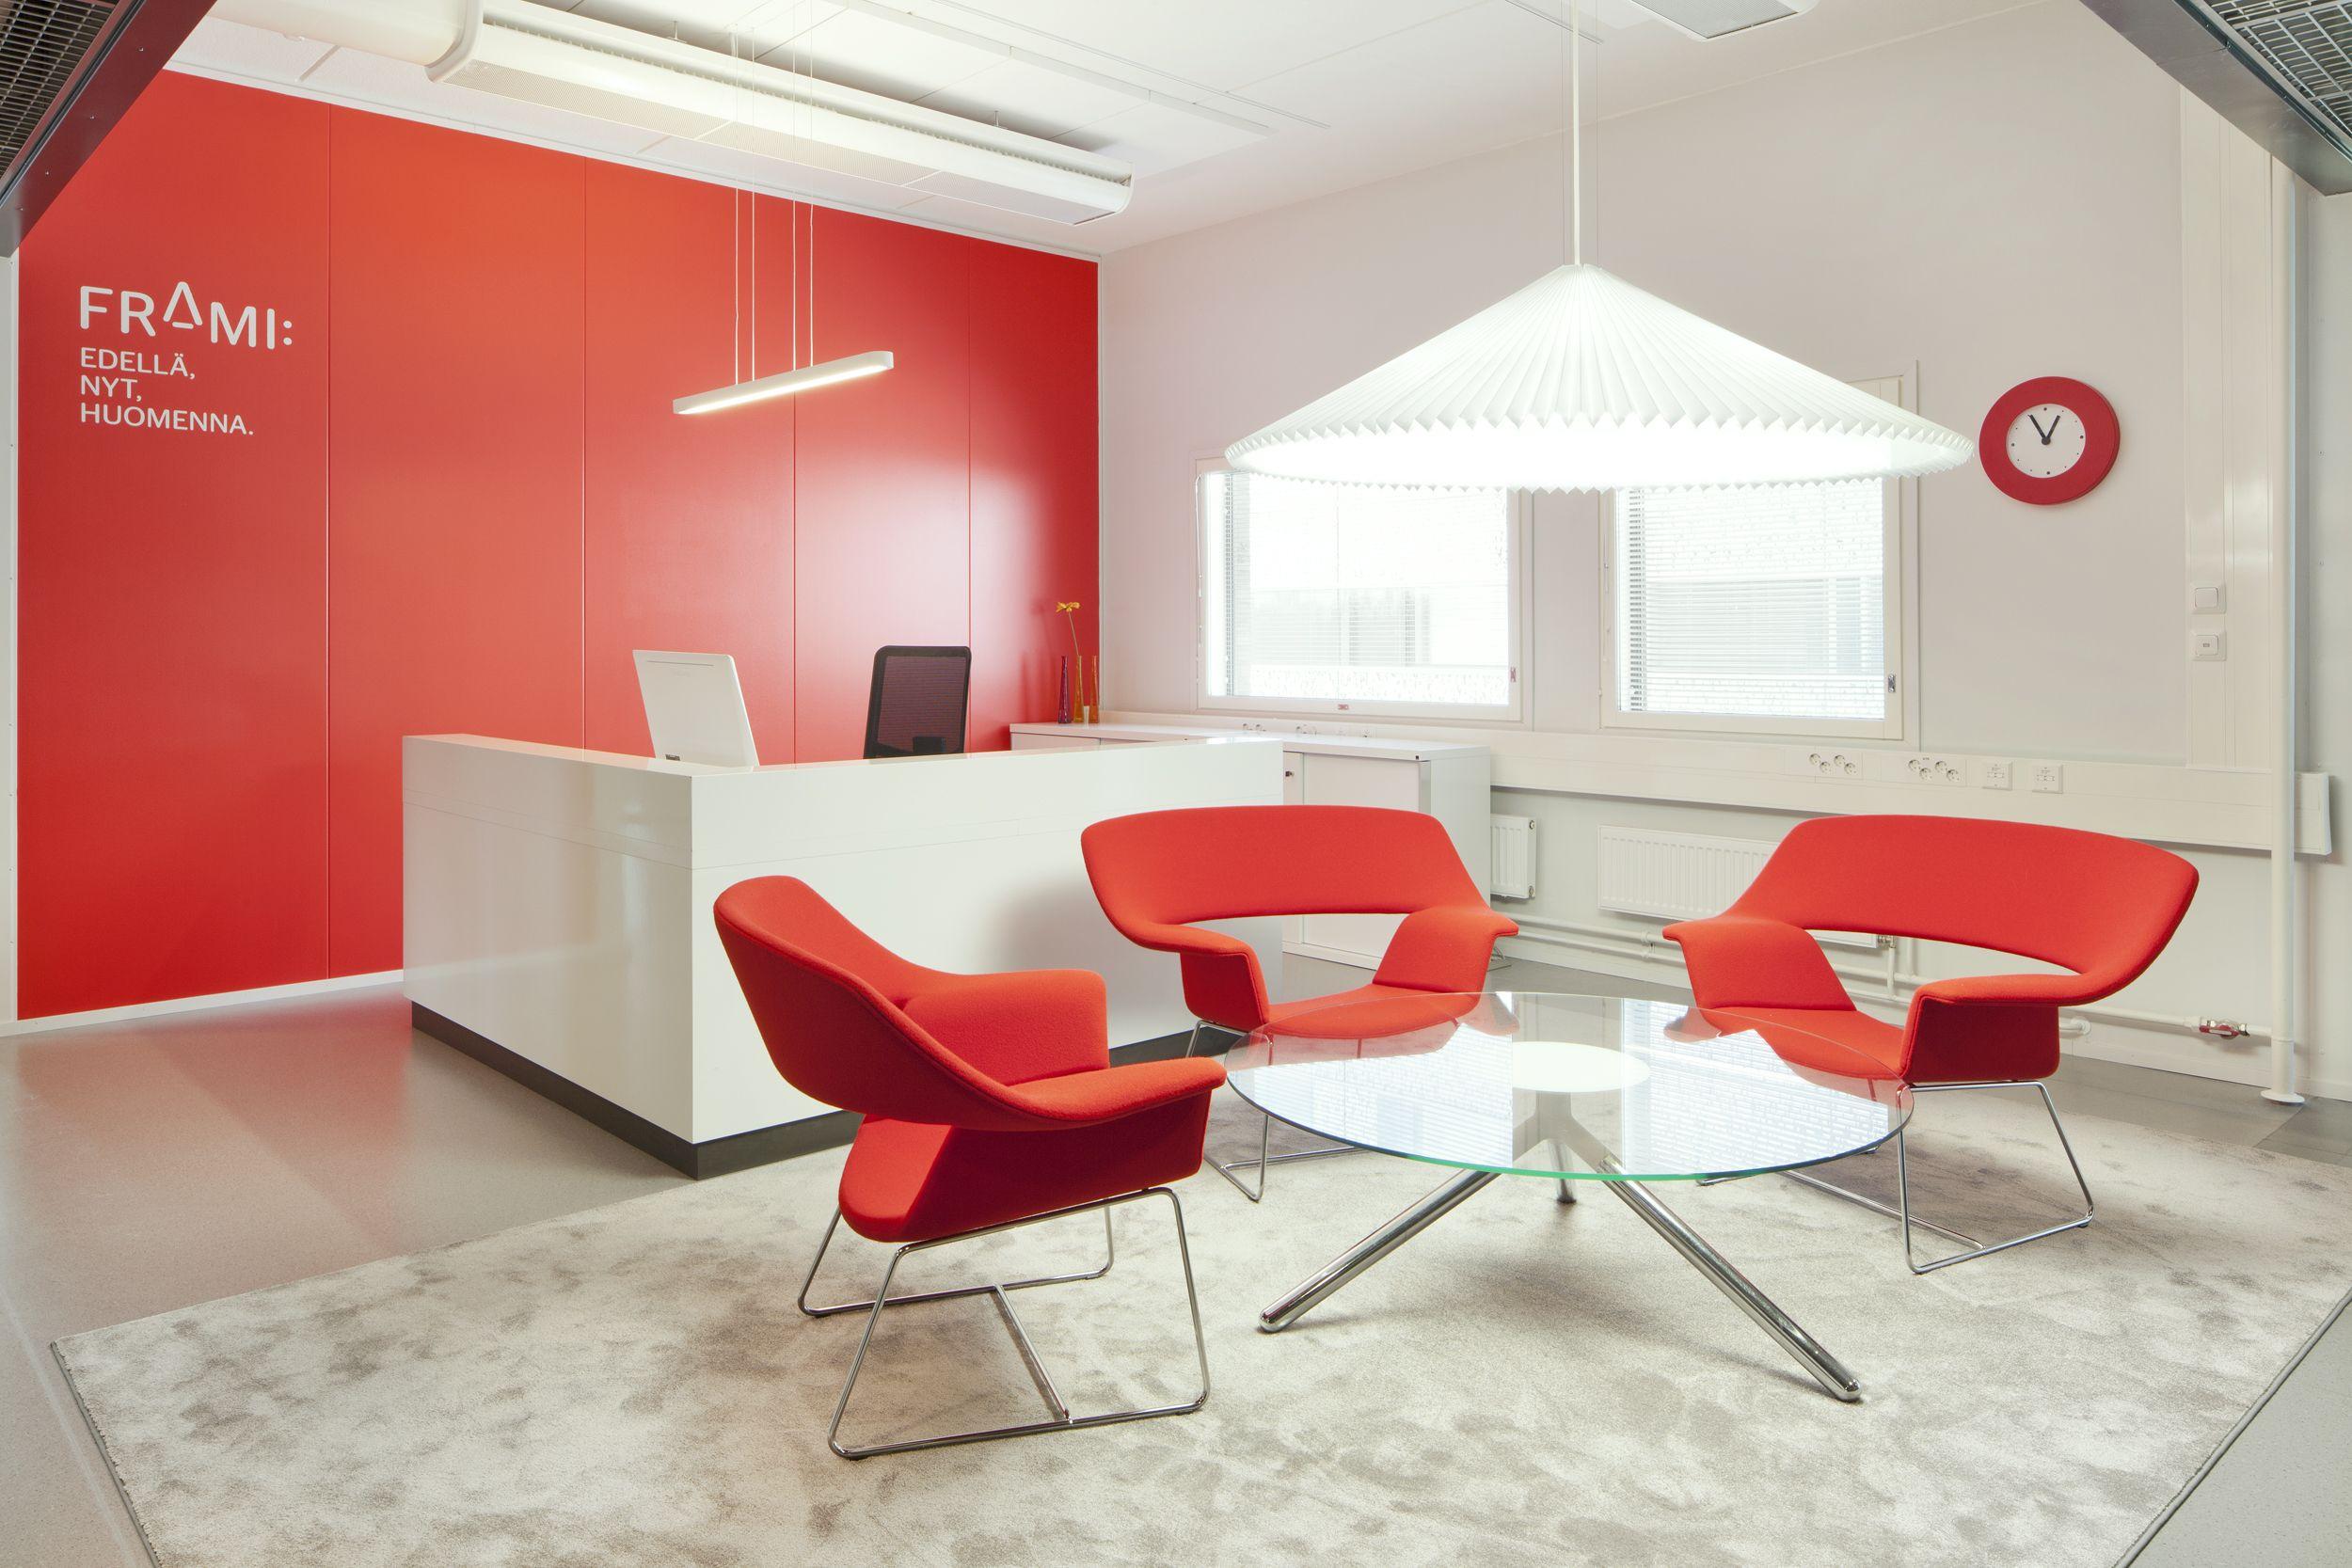 Satine matto sopii yhtä hyvin toimistoon kuin kotiinkin. Satine rug is suitable into offices as well as home.